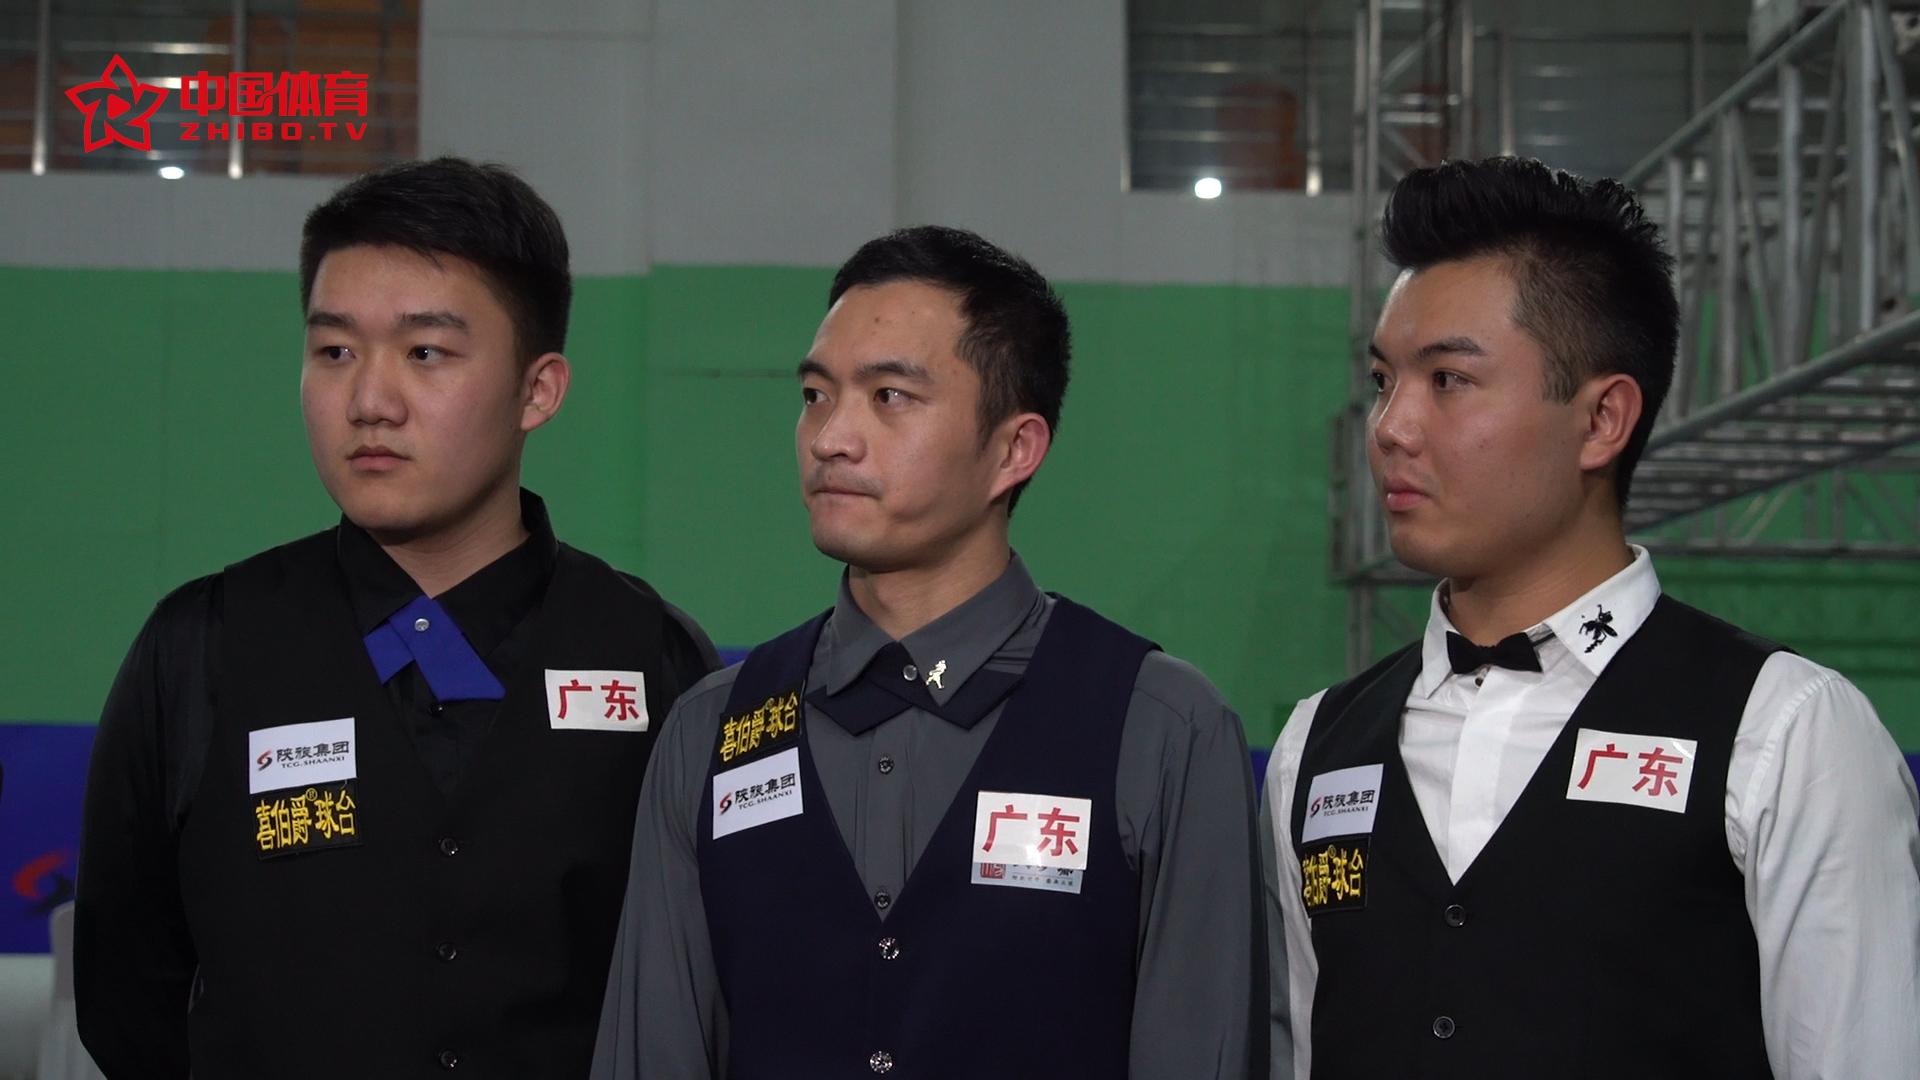 团体赛冠军广东队:方雄慢目标重回职业赛,白朗宁备受鼓舞,黄佳浩用了15年的努力